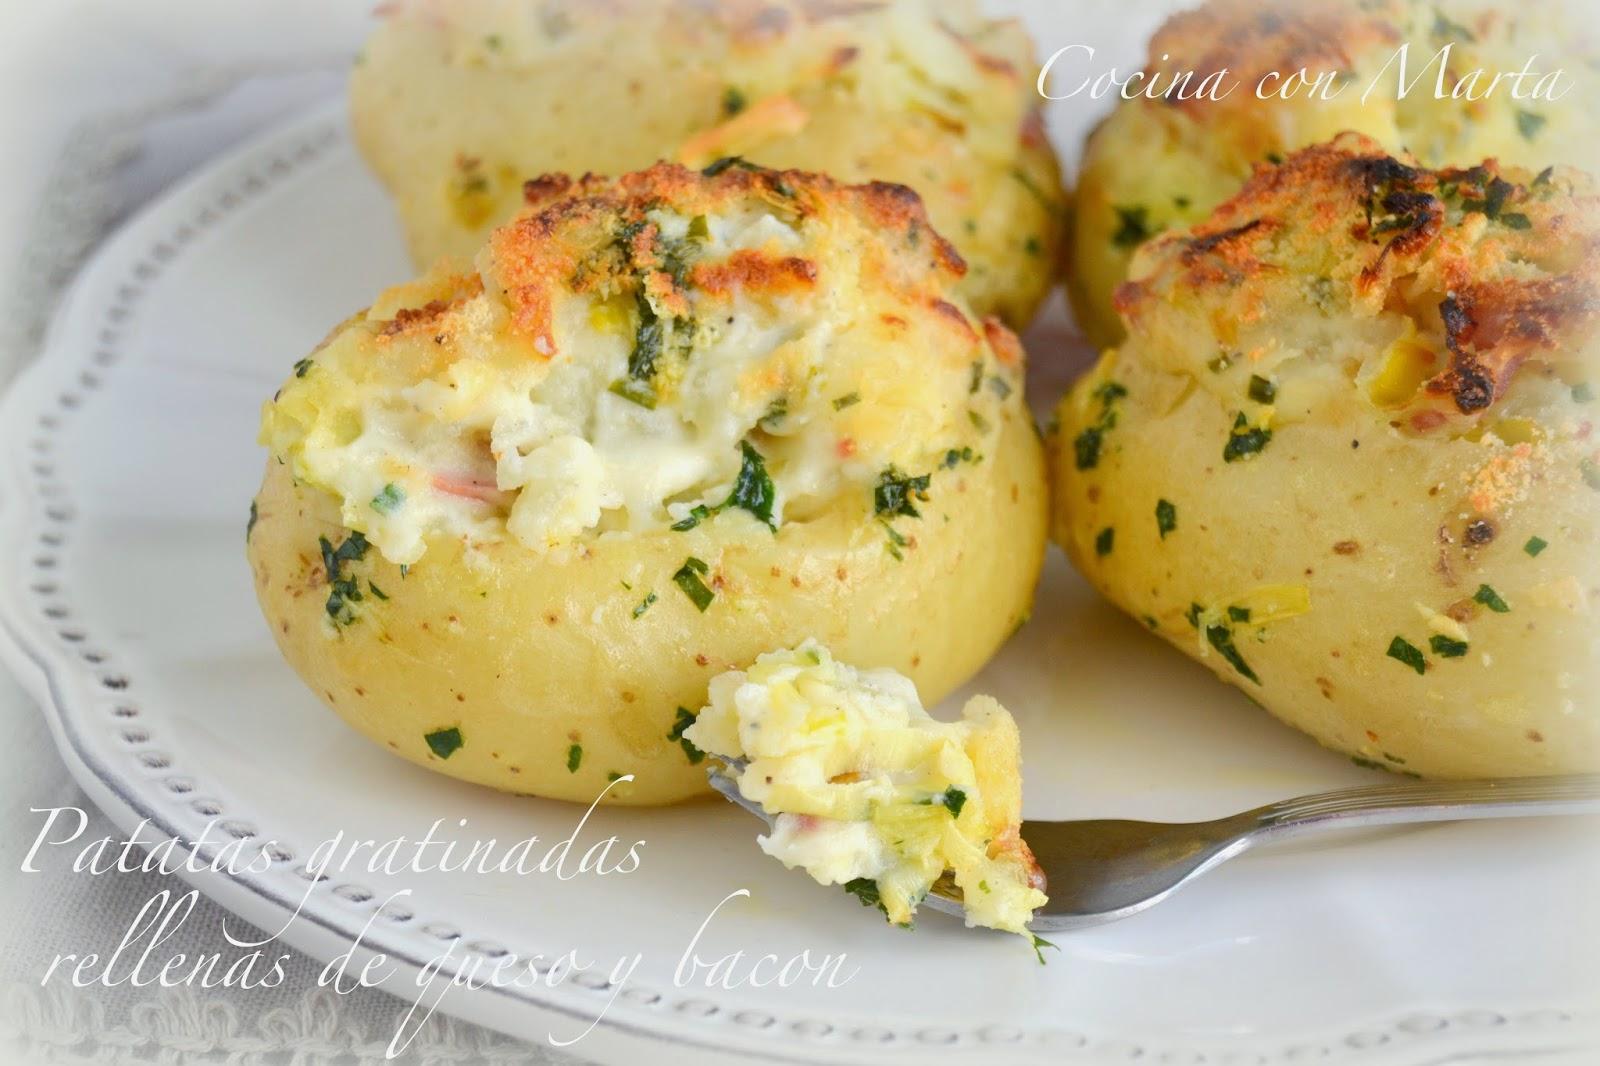 Patatas gratinadas rellenas de queso y bacon for Comidas rapidas caseras